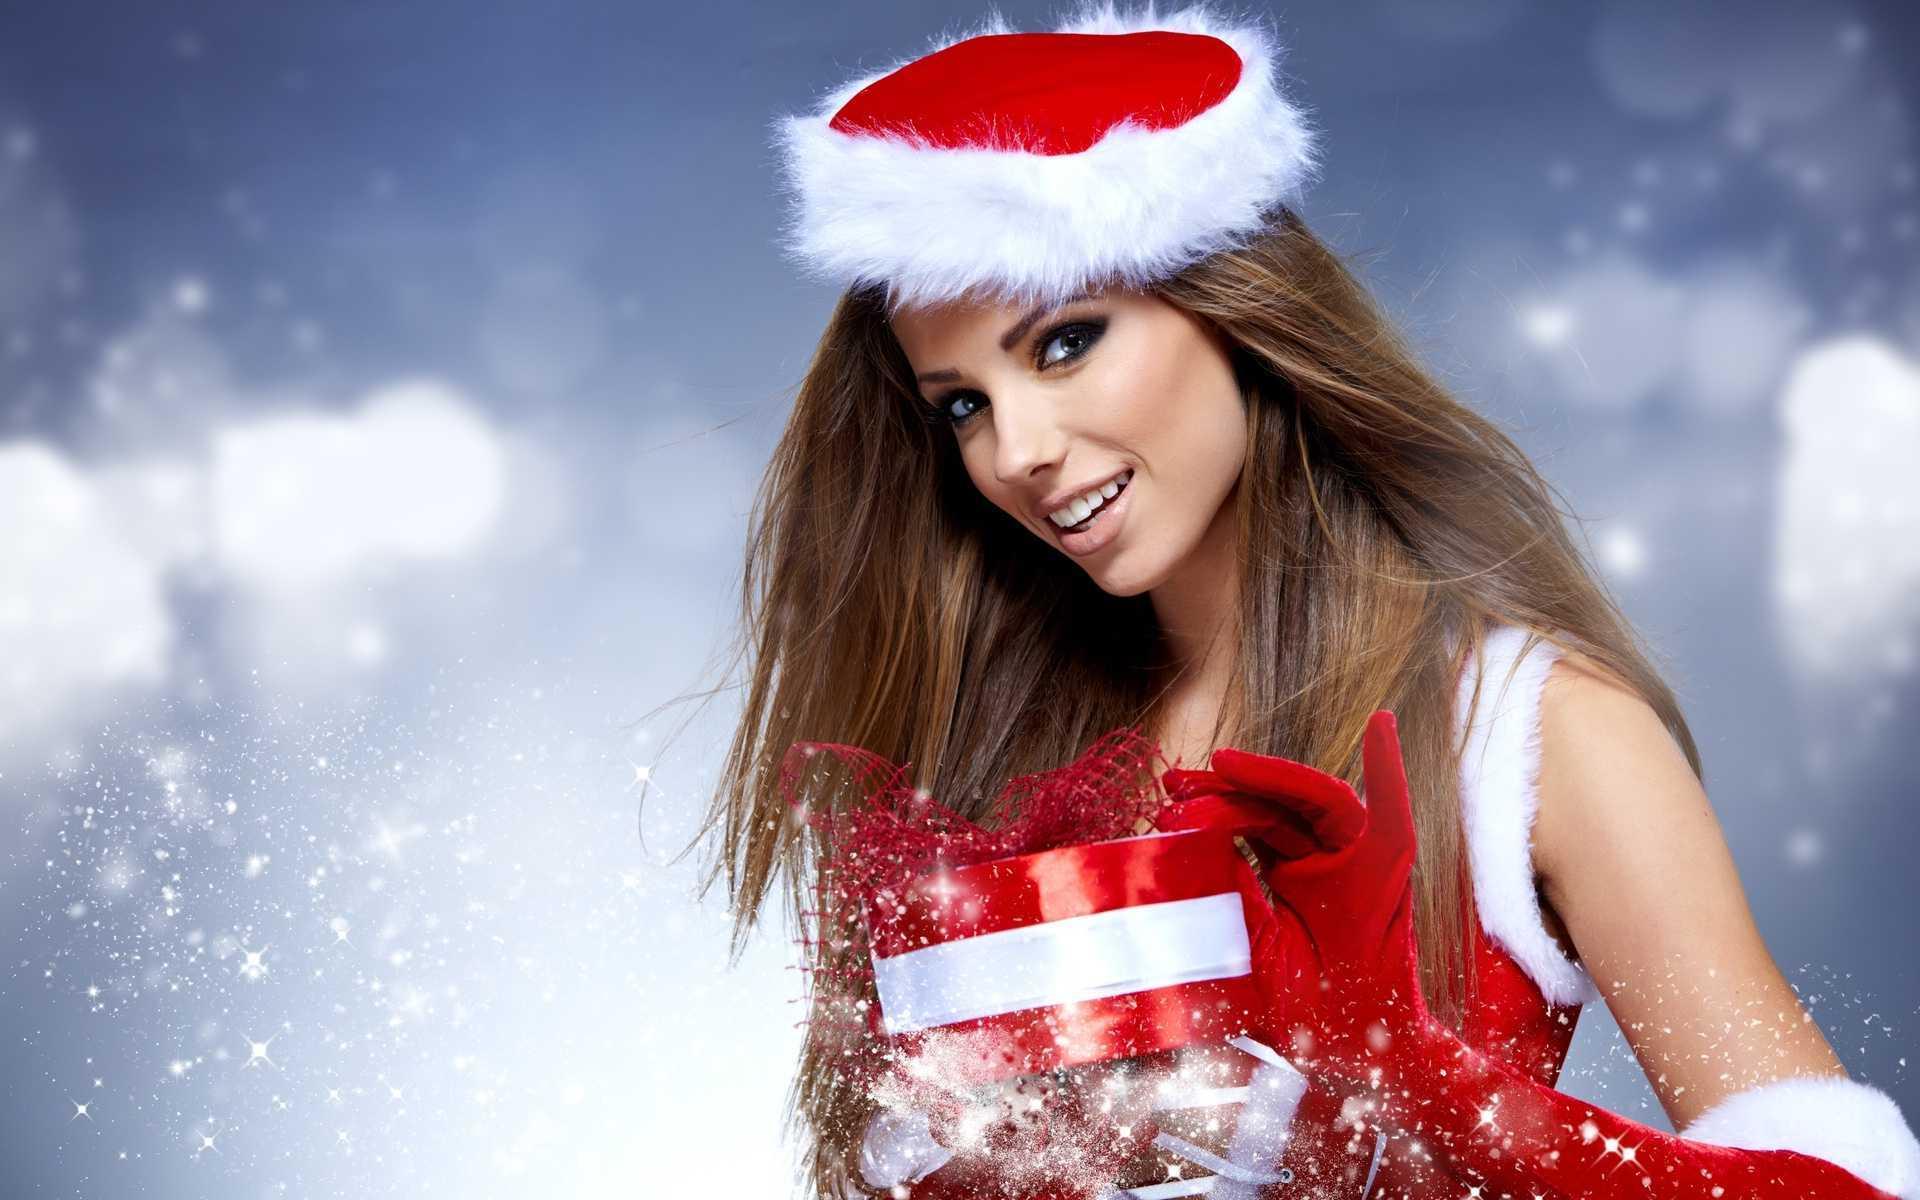 Girl on christmas photo